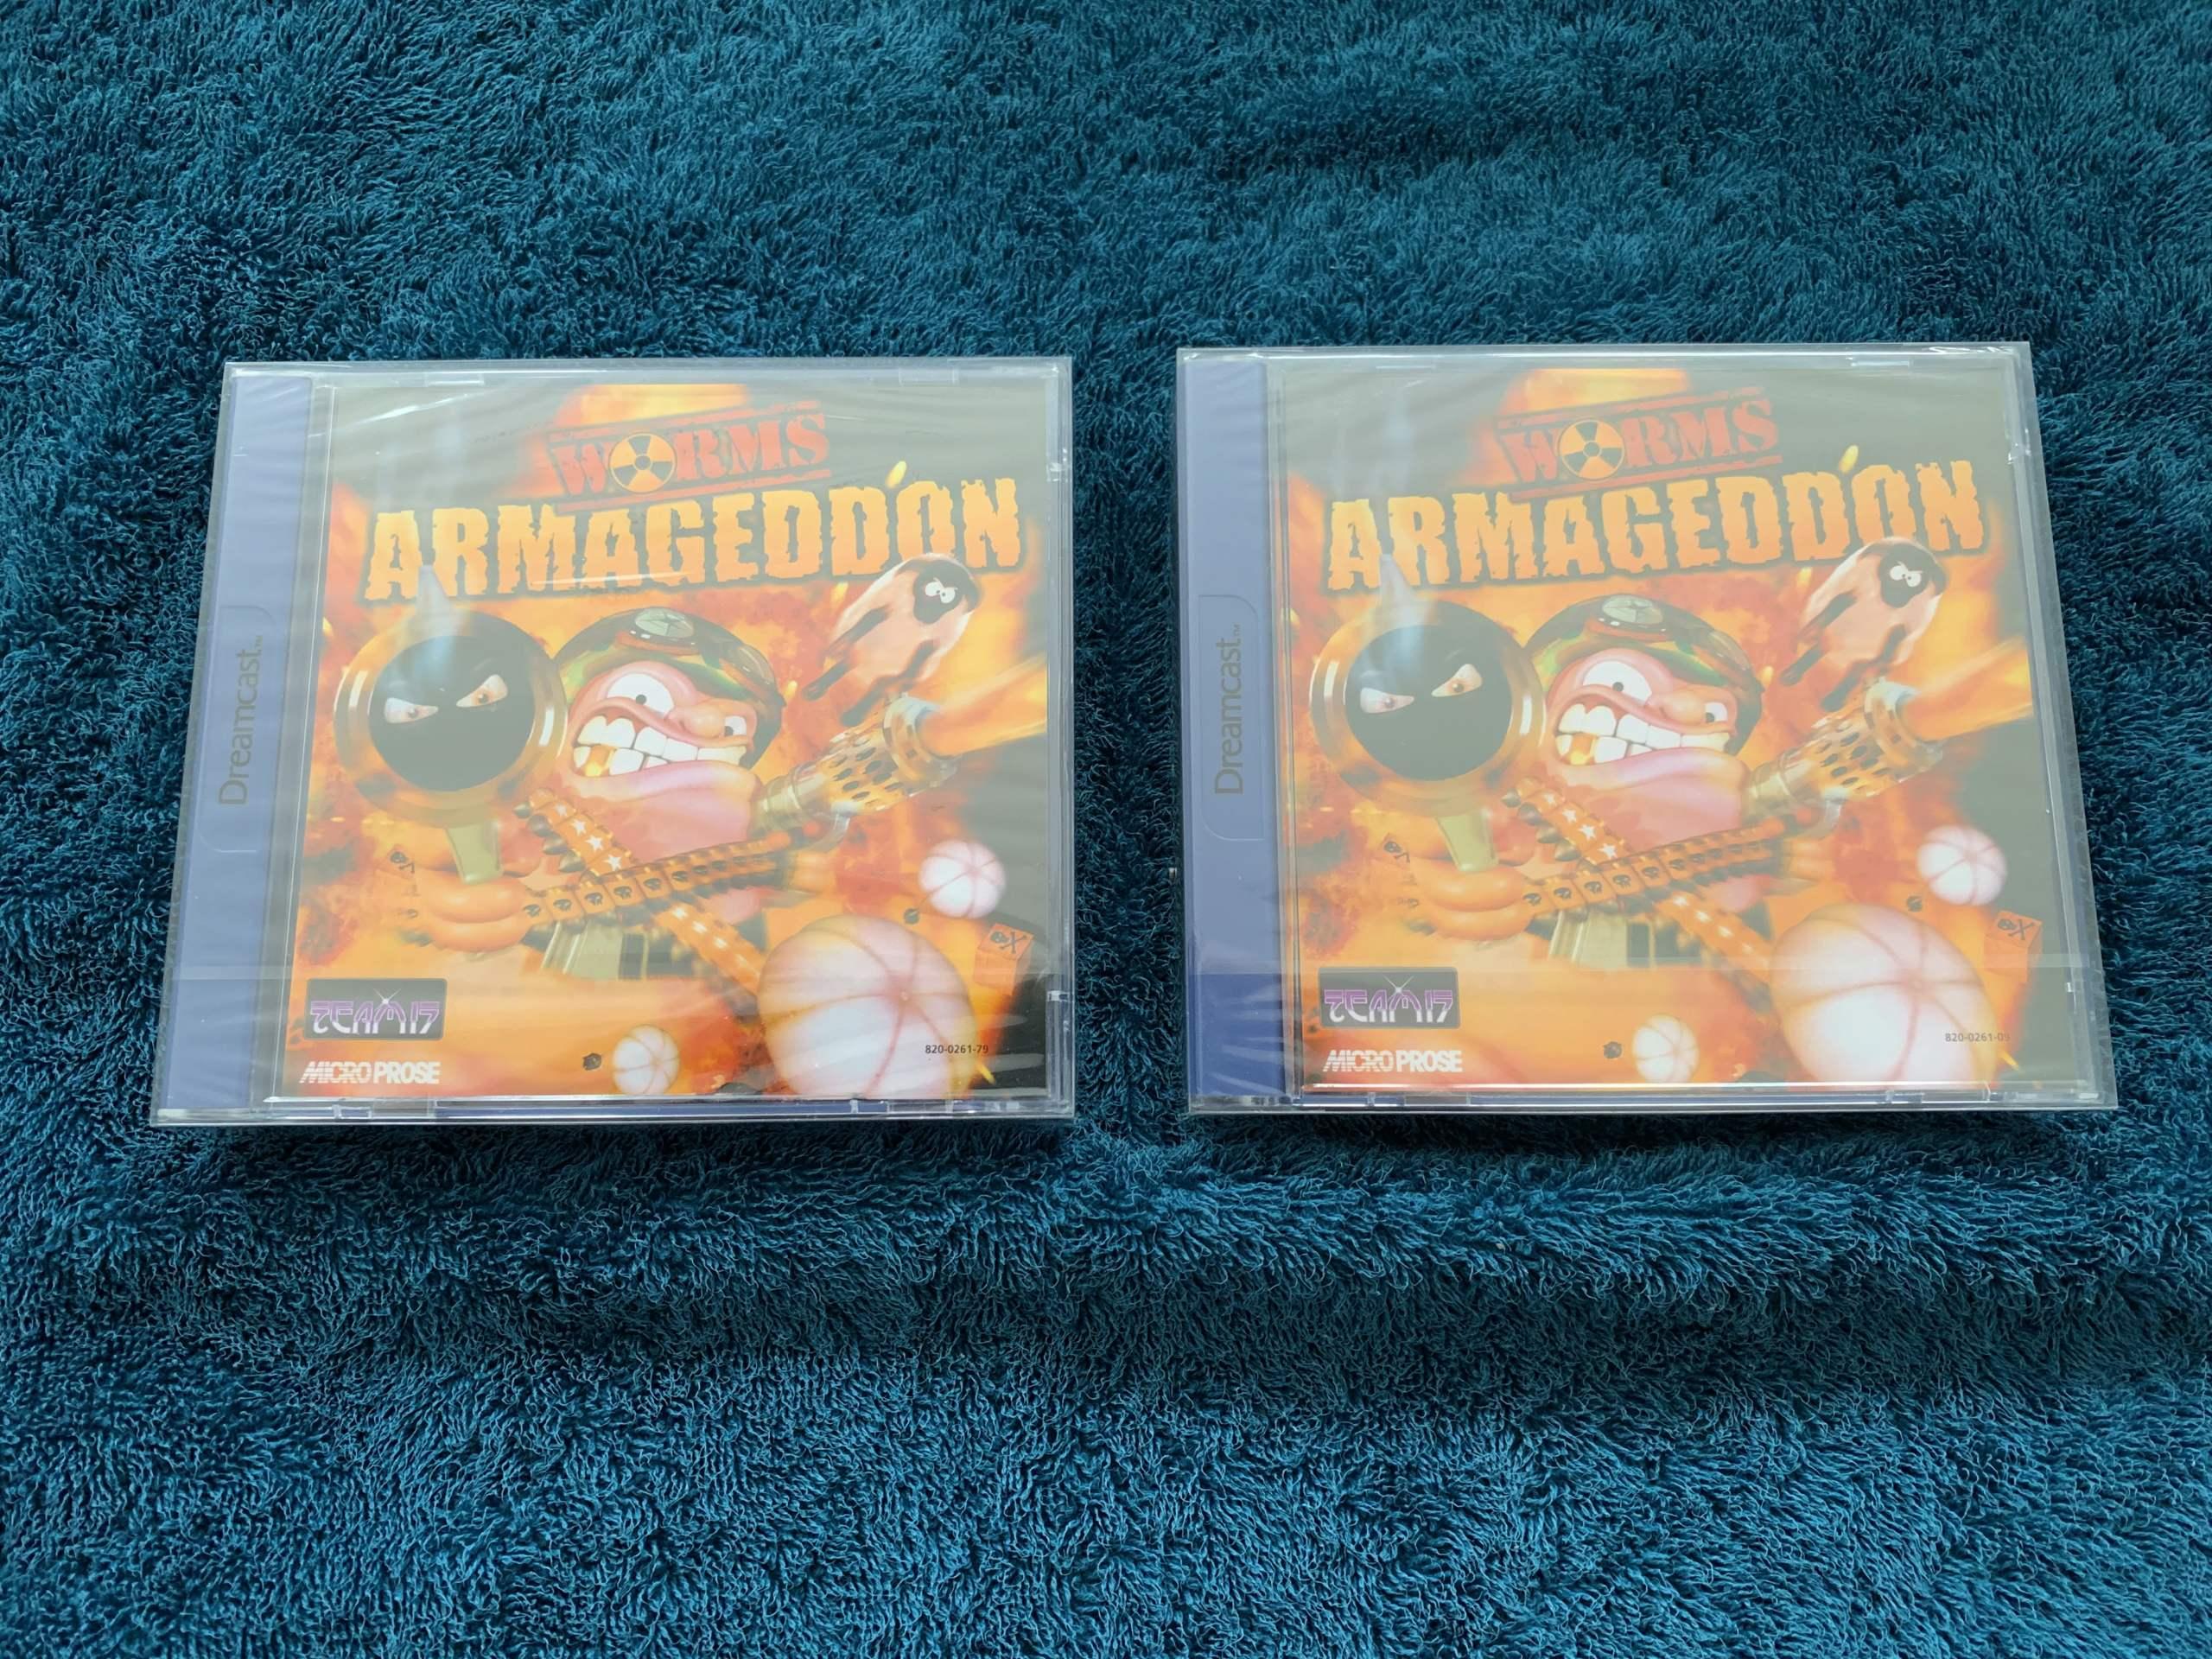 [VENDU] Fullset Jeux Dreamcast, Accessoires, Promo, Rigides... - 350 pièces - NEUF SOUS BLISTER 019_wo10